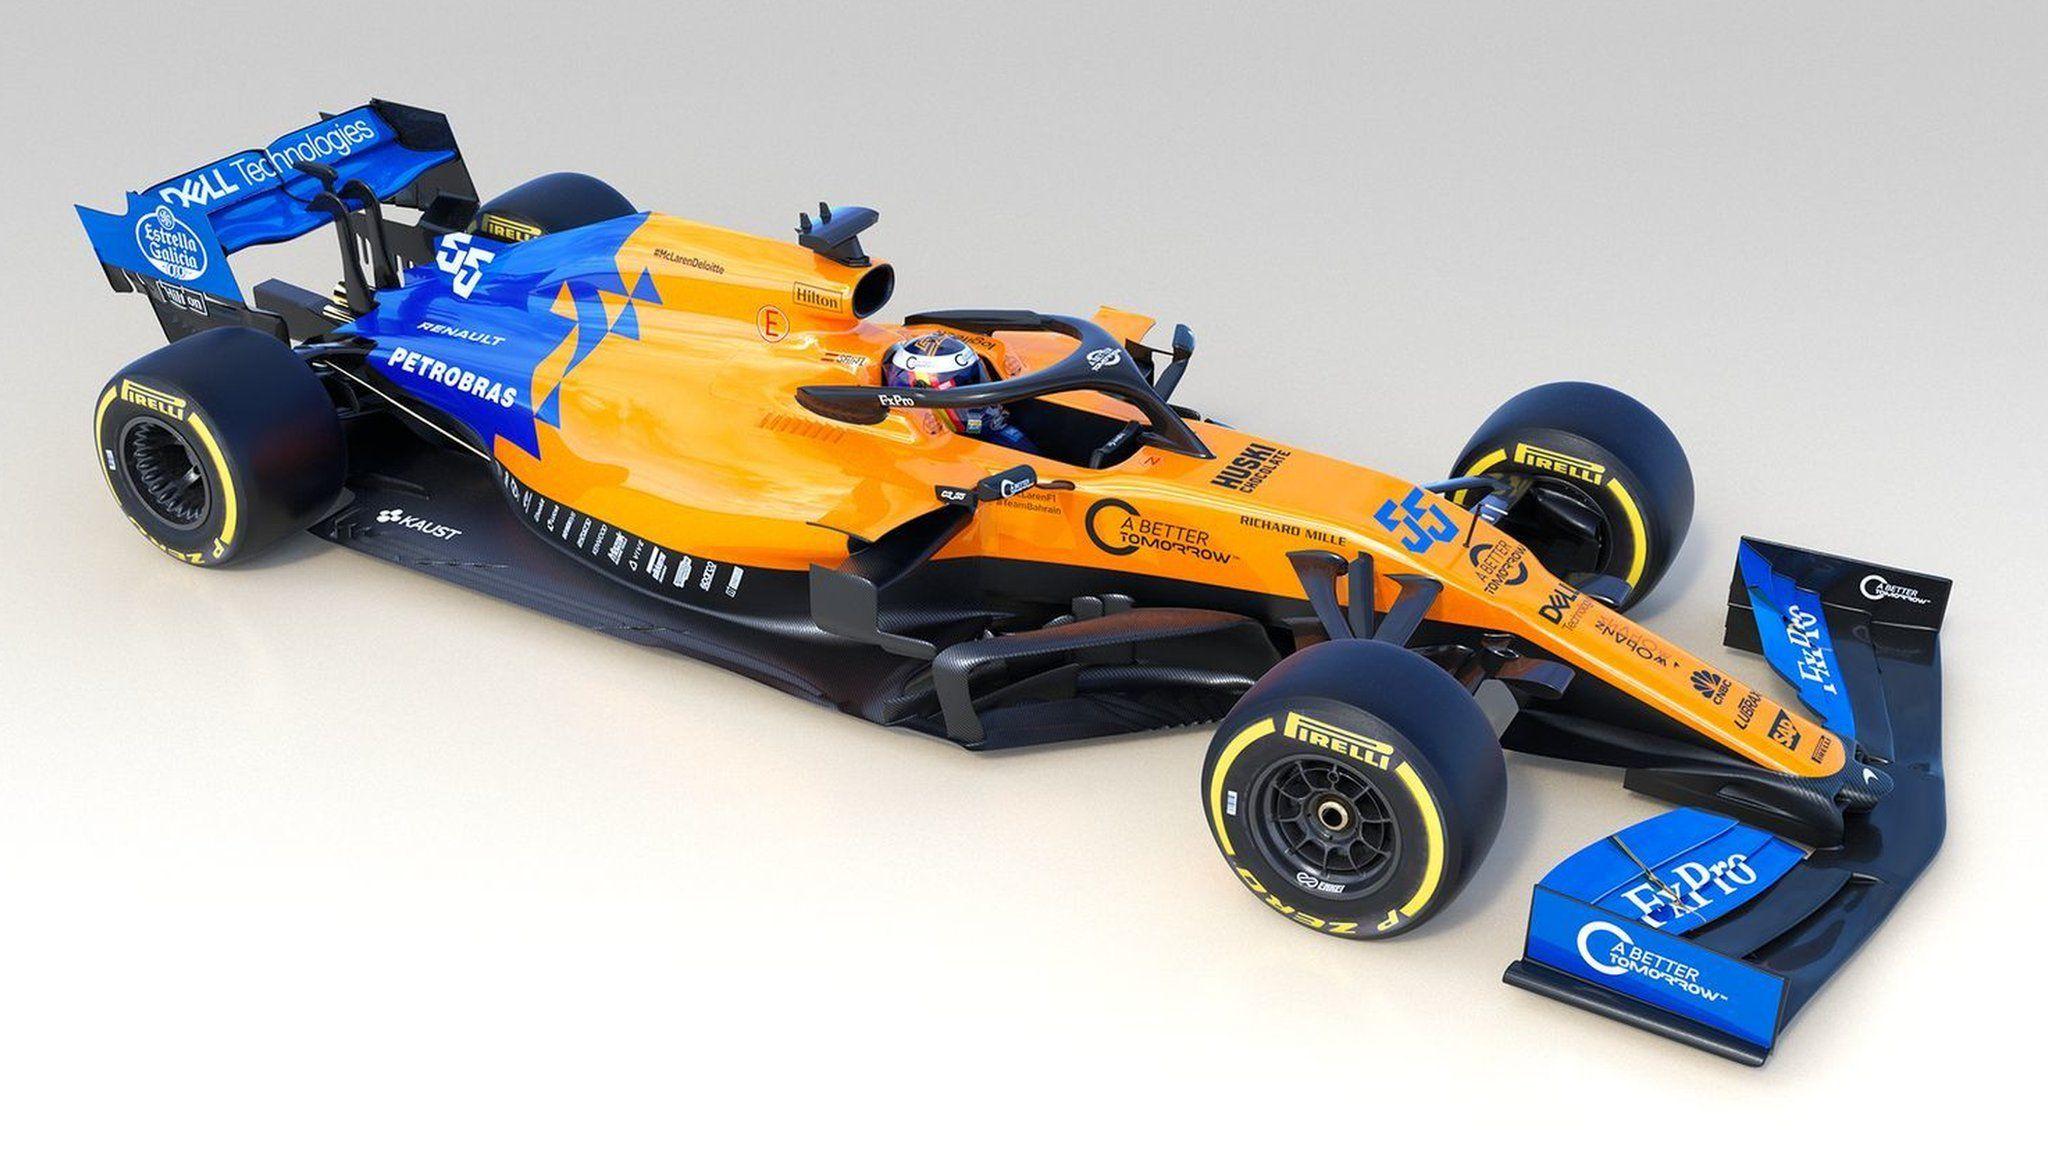 Formula 1 2019: New car gallery - BBC Sport